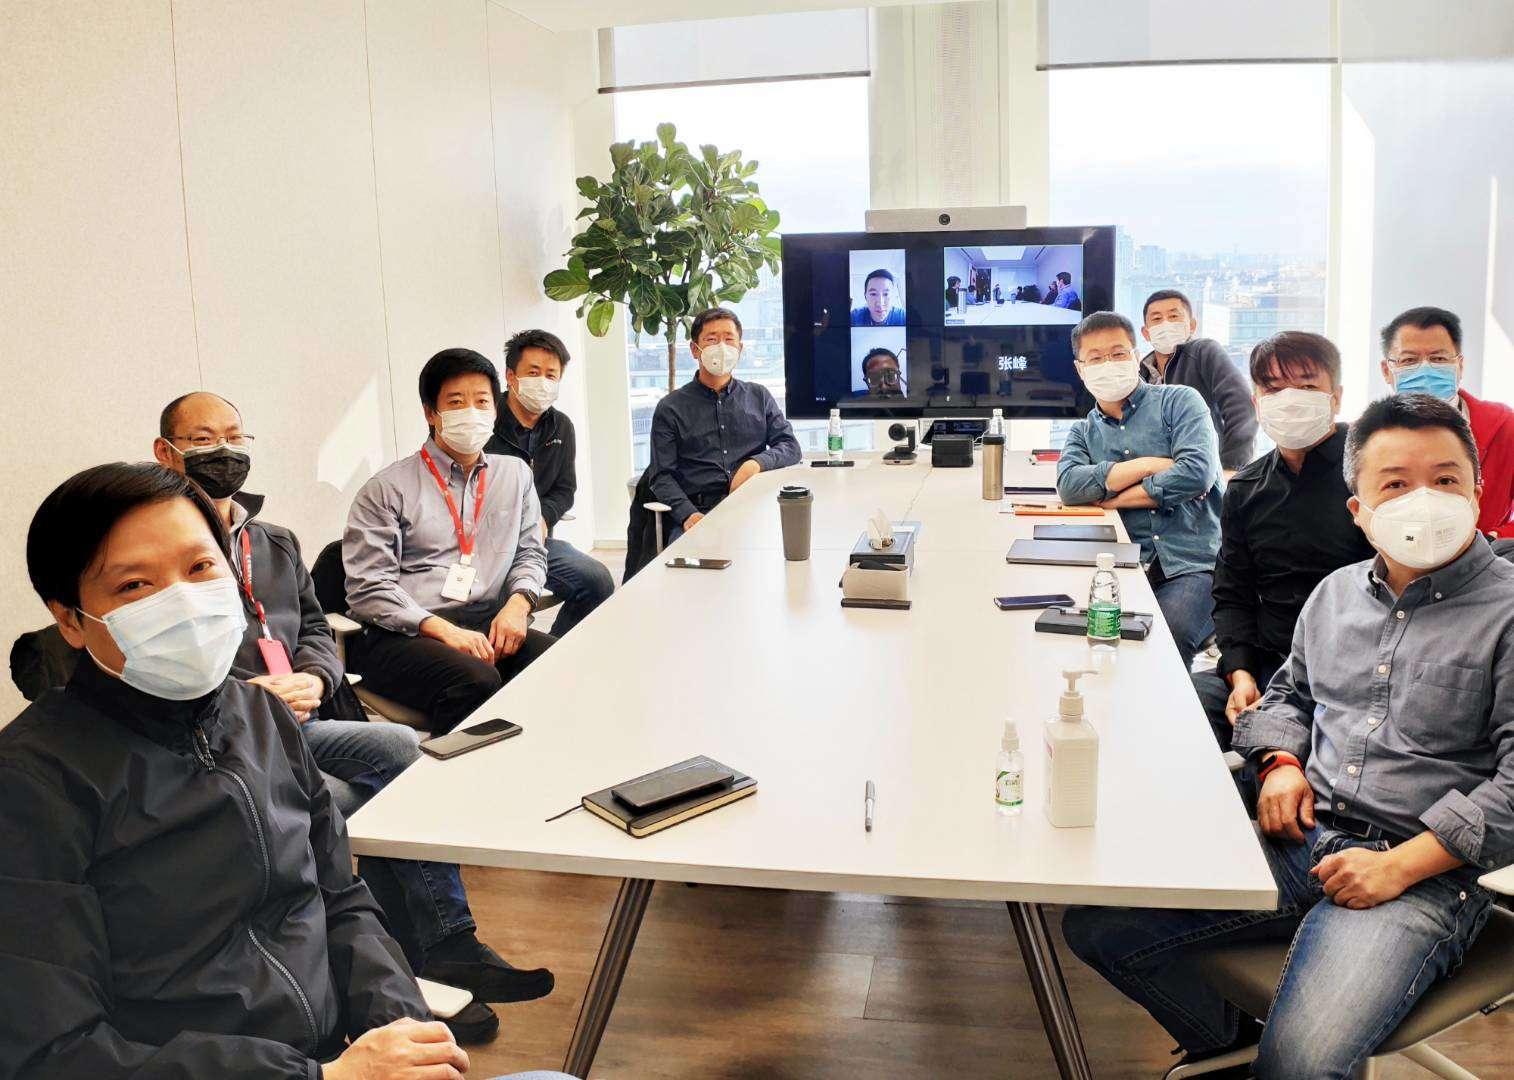 互联网公司复工第一天:小米召集高管开会,百度内部信鼓劲